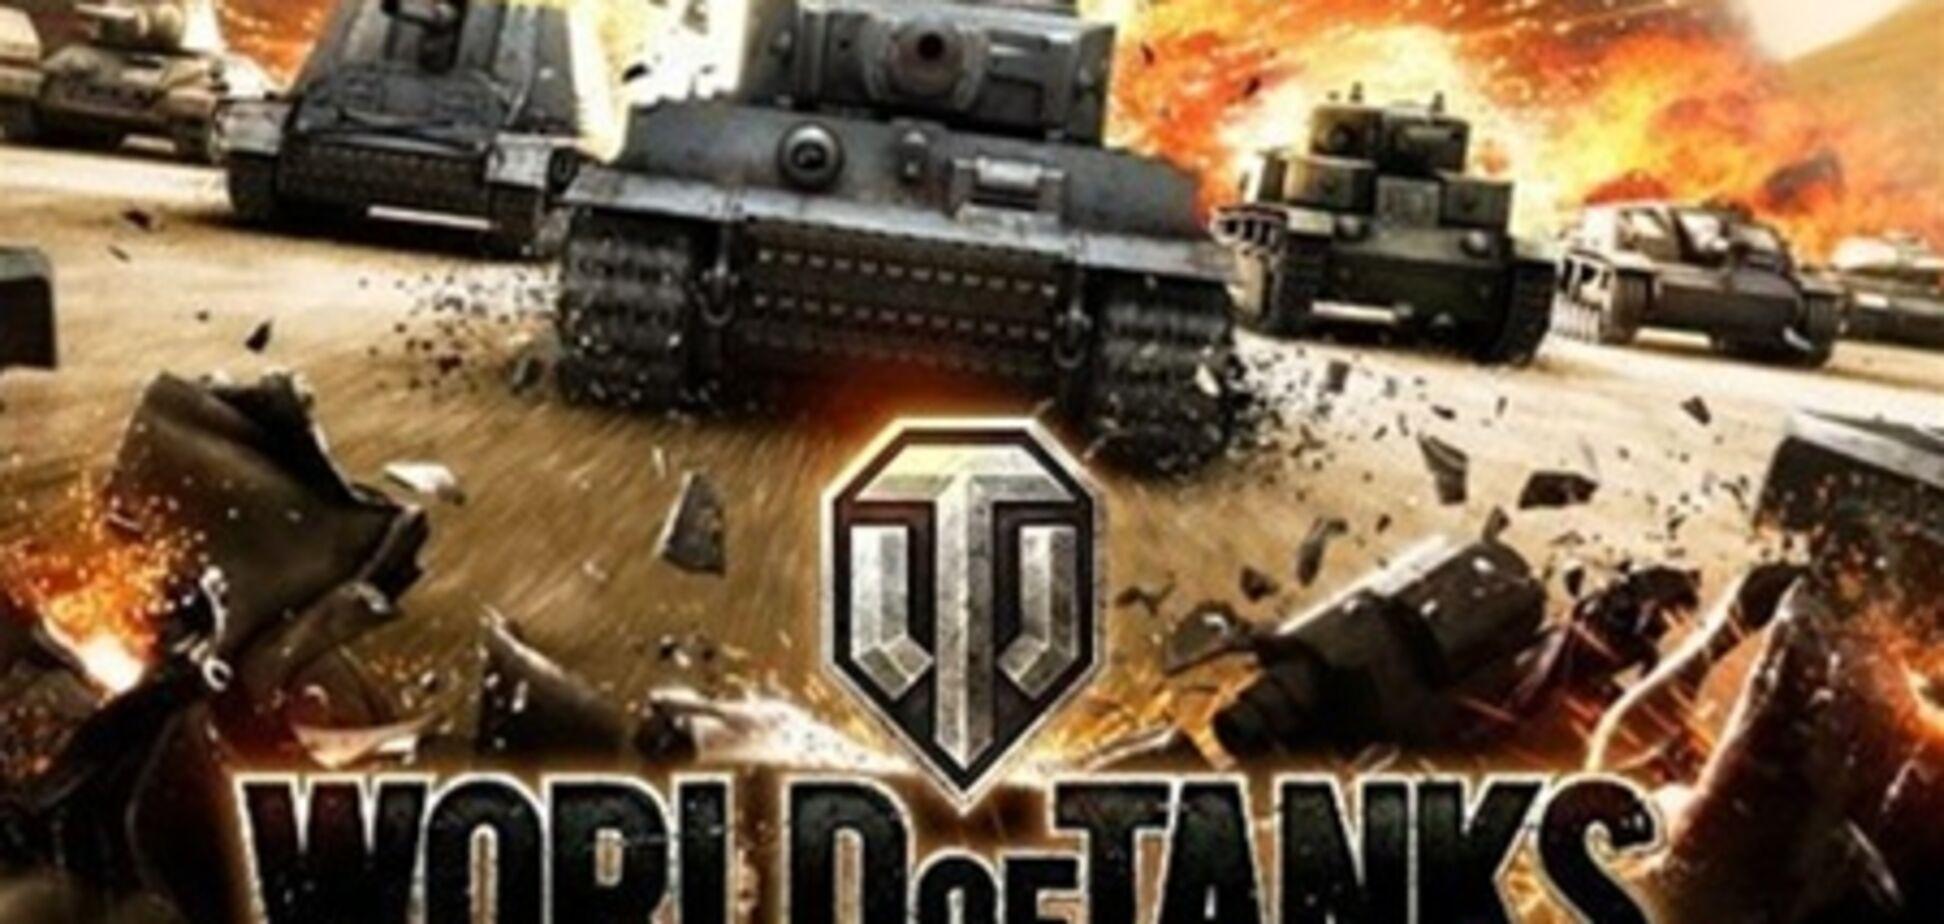 У Білорусі розкритий угон у військового віртуального танка